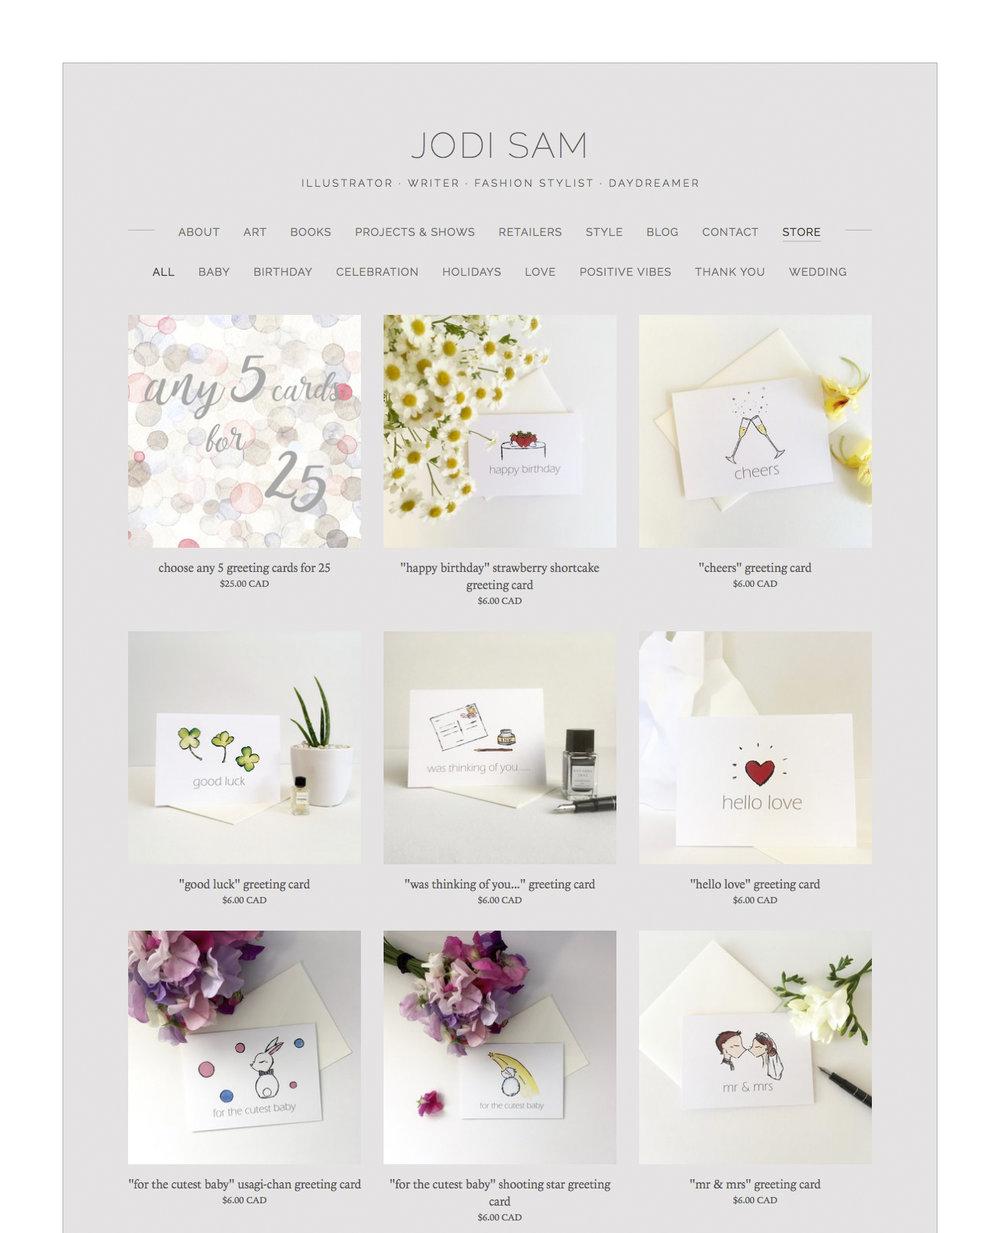 jodisam.com online store